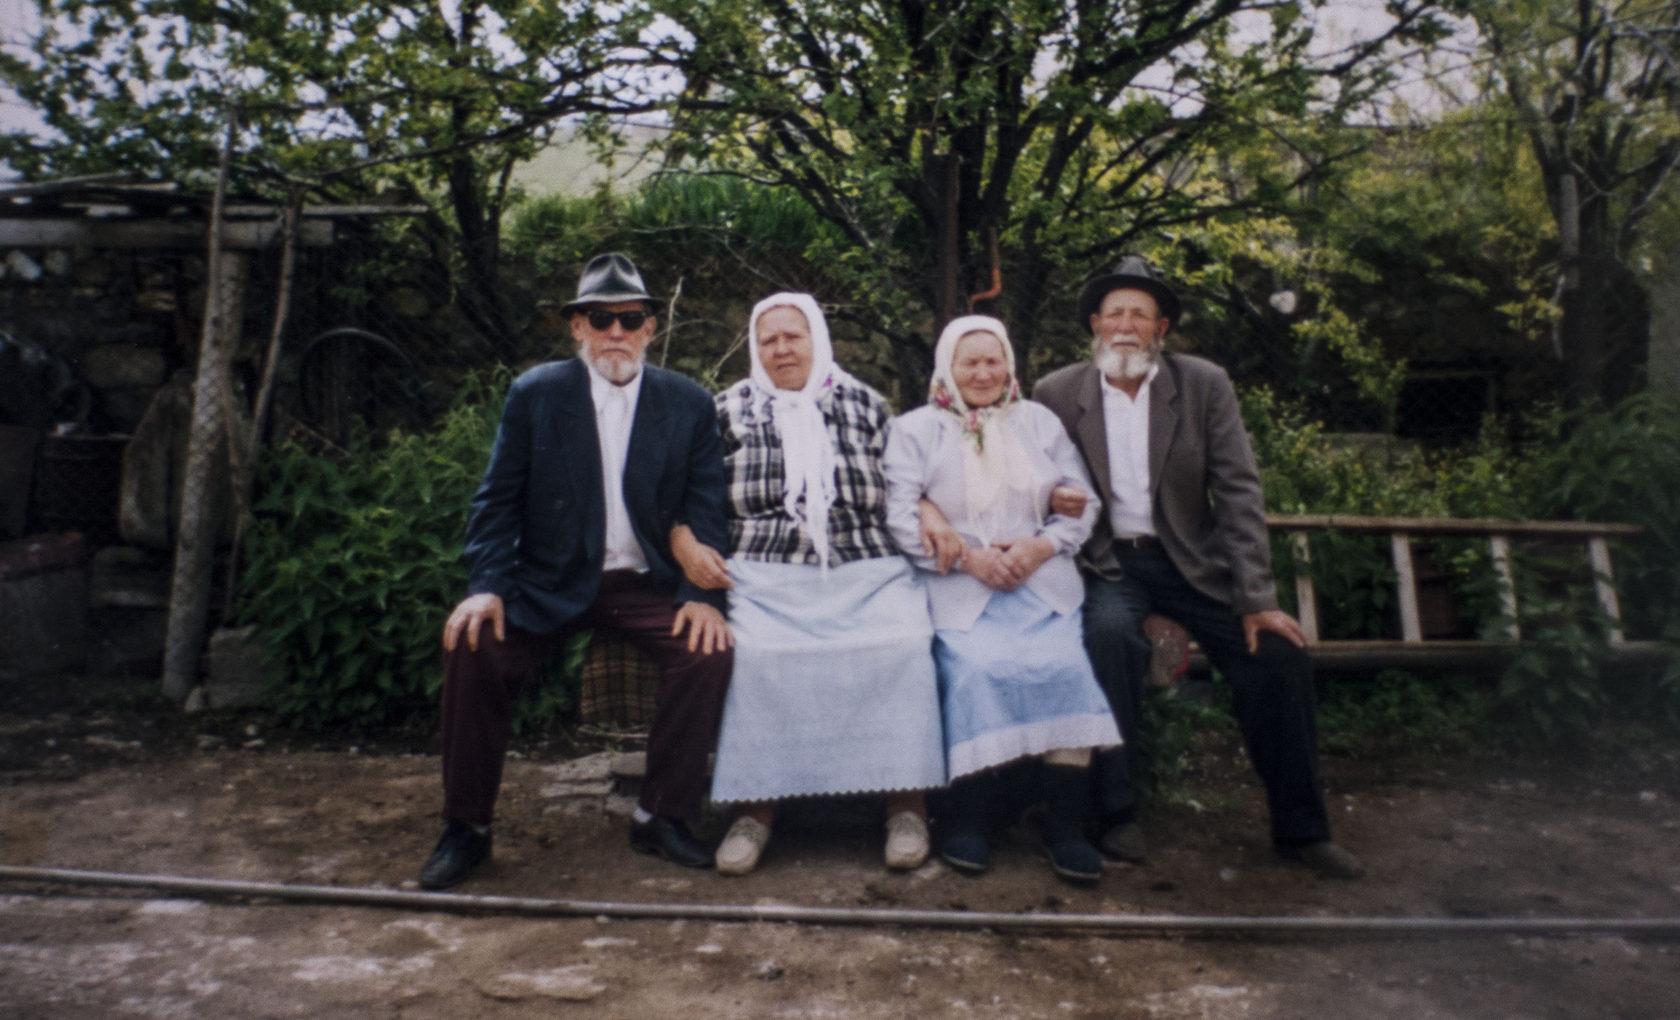 Աննա Կուդրյաշովան ամուսնու՝ Վասիլի Կուդրյաշովի հետ (ձախից) Շորժա գյուղում